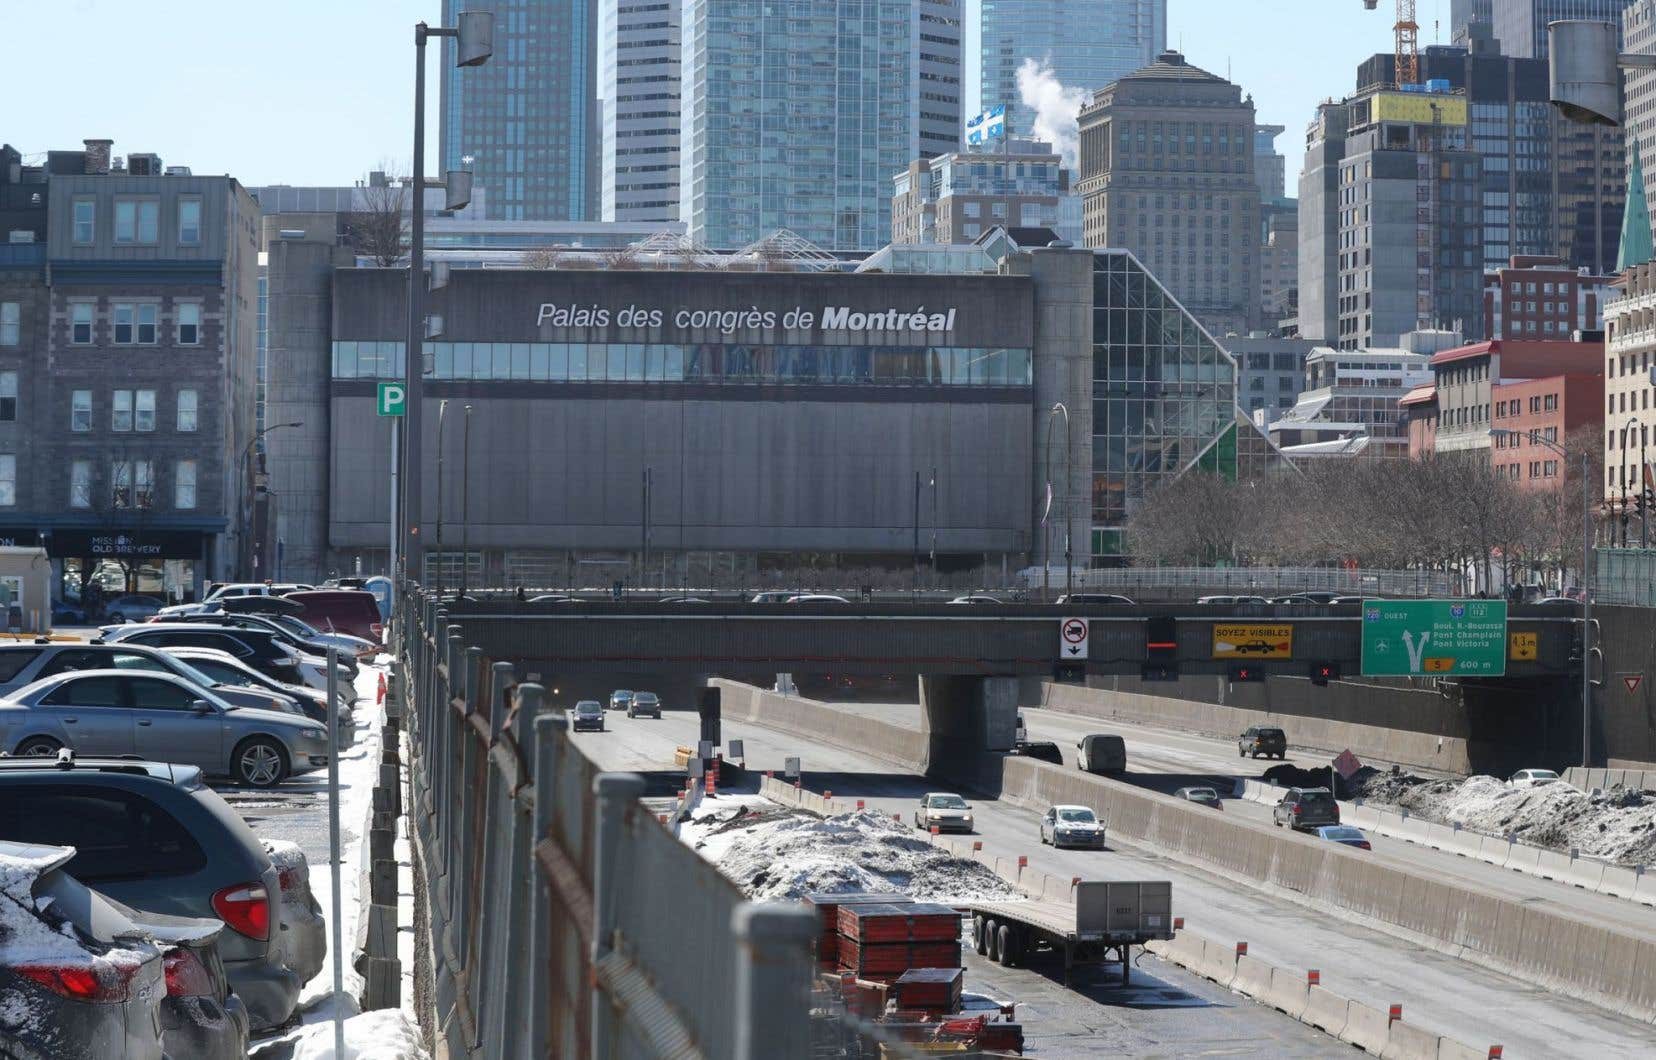 """«Le concept de """"vieux Montréal"""" est très contemporain, avec sa frontière bien définie. En réalité, il y a des bâtiments à l'extérieur de ce périmètre qui sont tout aussi vieux et qui font partie, au fond, de ce qu'on appelle le Vieux-Montréal», explique l'architecte Jean Laberge."""